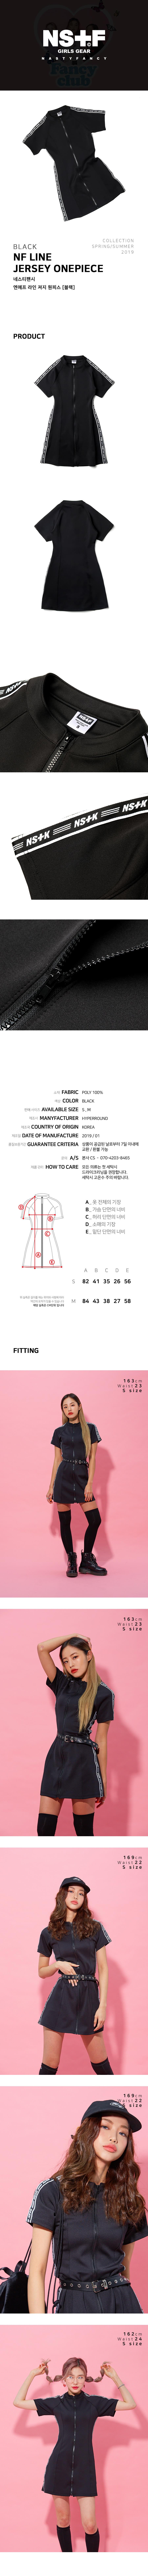 네스티팬시클럽(NASTY FANCY CLUB) NF LINE JERSEY ONEPIECE BLK (NK19S046H)